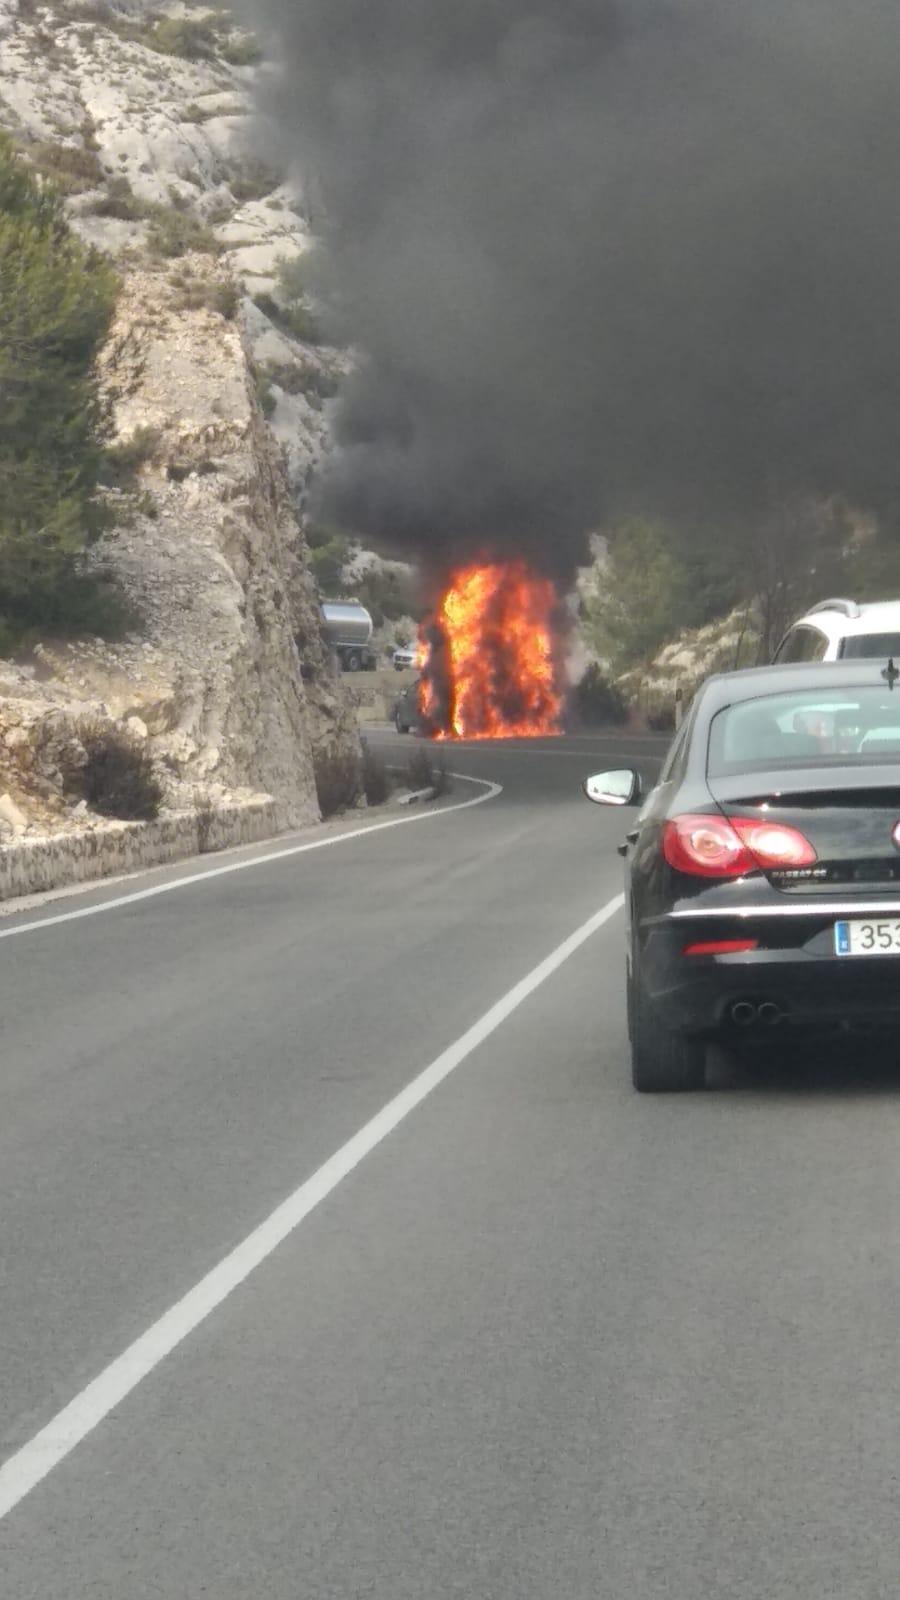 S'incendia una autocaravana al Port de Bocairent El Periòdic d'Ontinyent